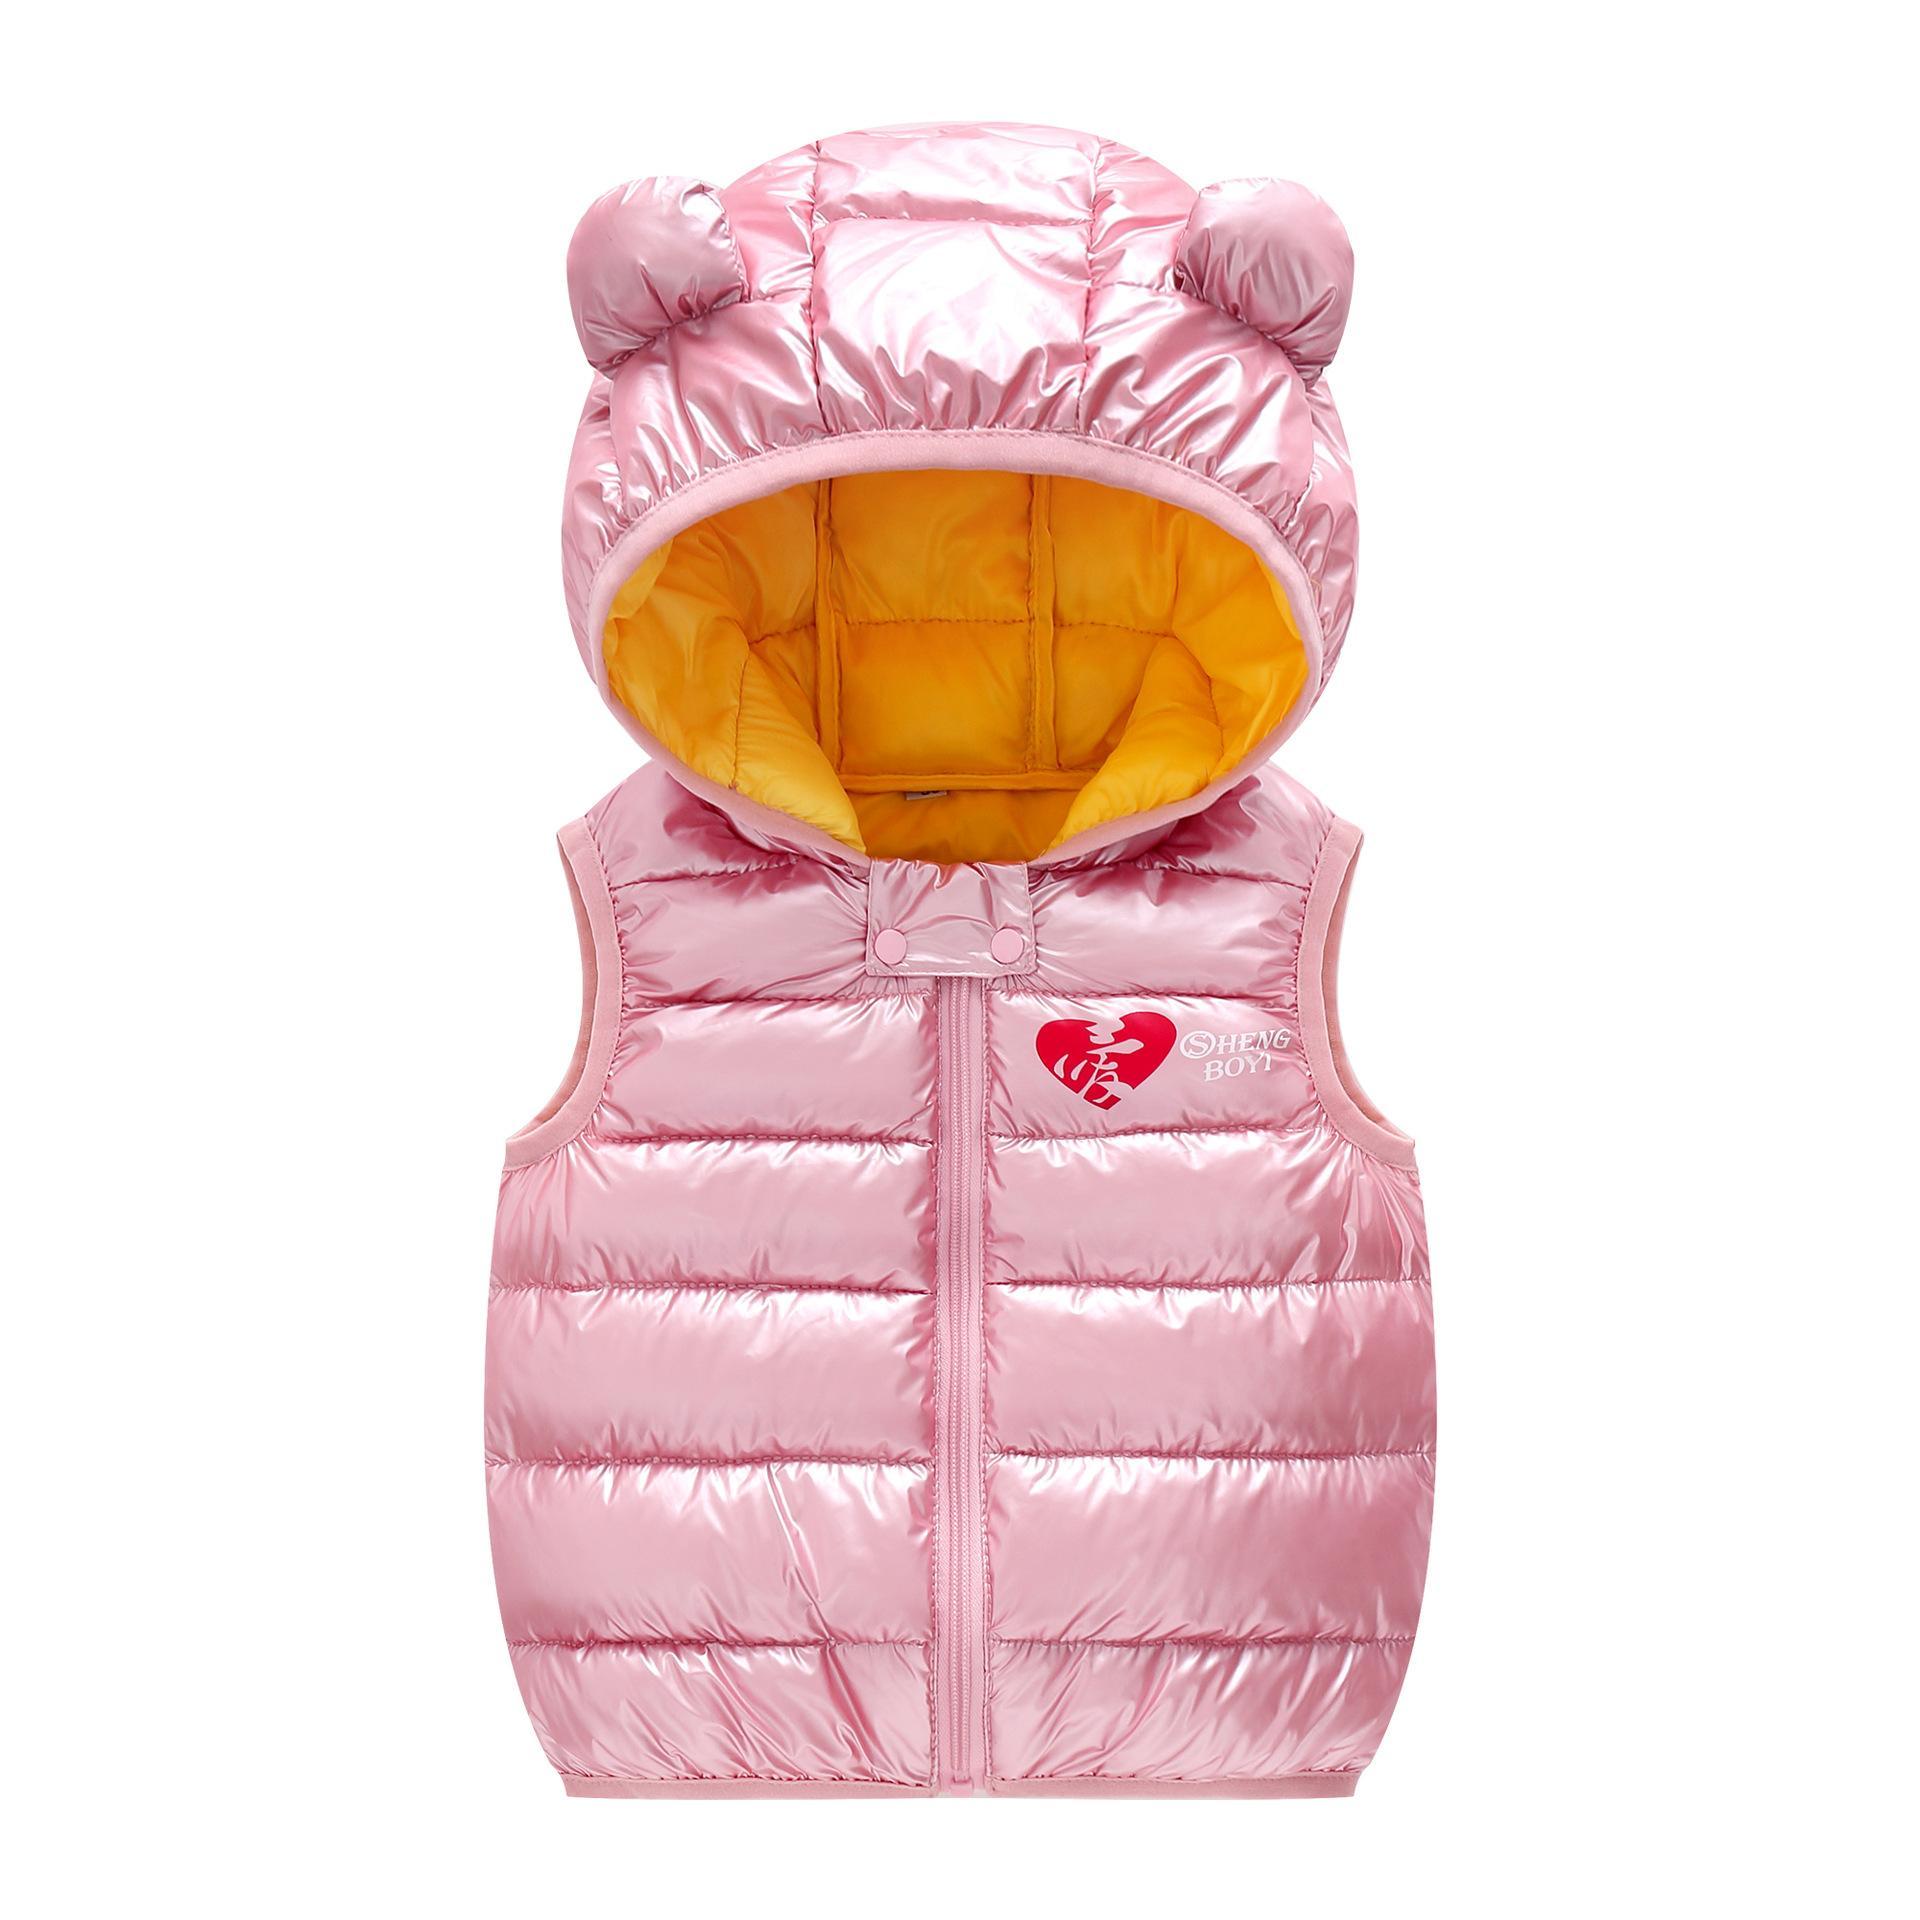 Autunno Inverno ragazzi caldo del rivestimento per le ragazze del cappotto del rivestimento delle neonate bambini Capispalla con cappuccio impermeabile chiaro sottili ragazze Coat